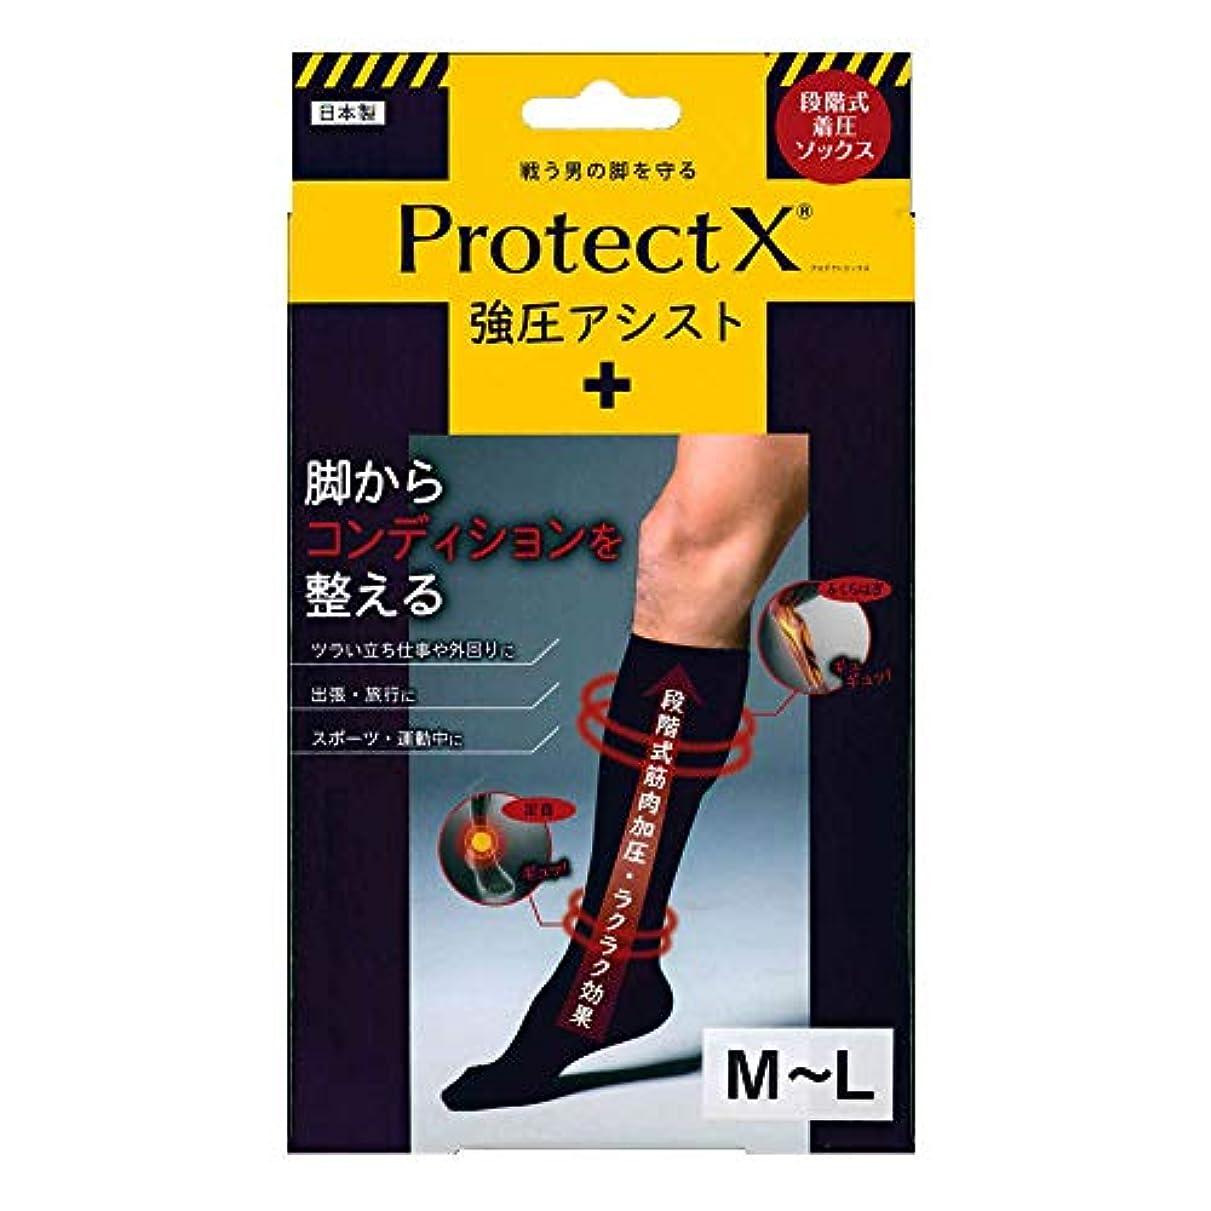 飢えビーチすすり泣きProtect X(プロテクトエックス) 強圧アシスト つま先あり着圧ソックス 膝下 M-Lサイズ ブラック